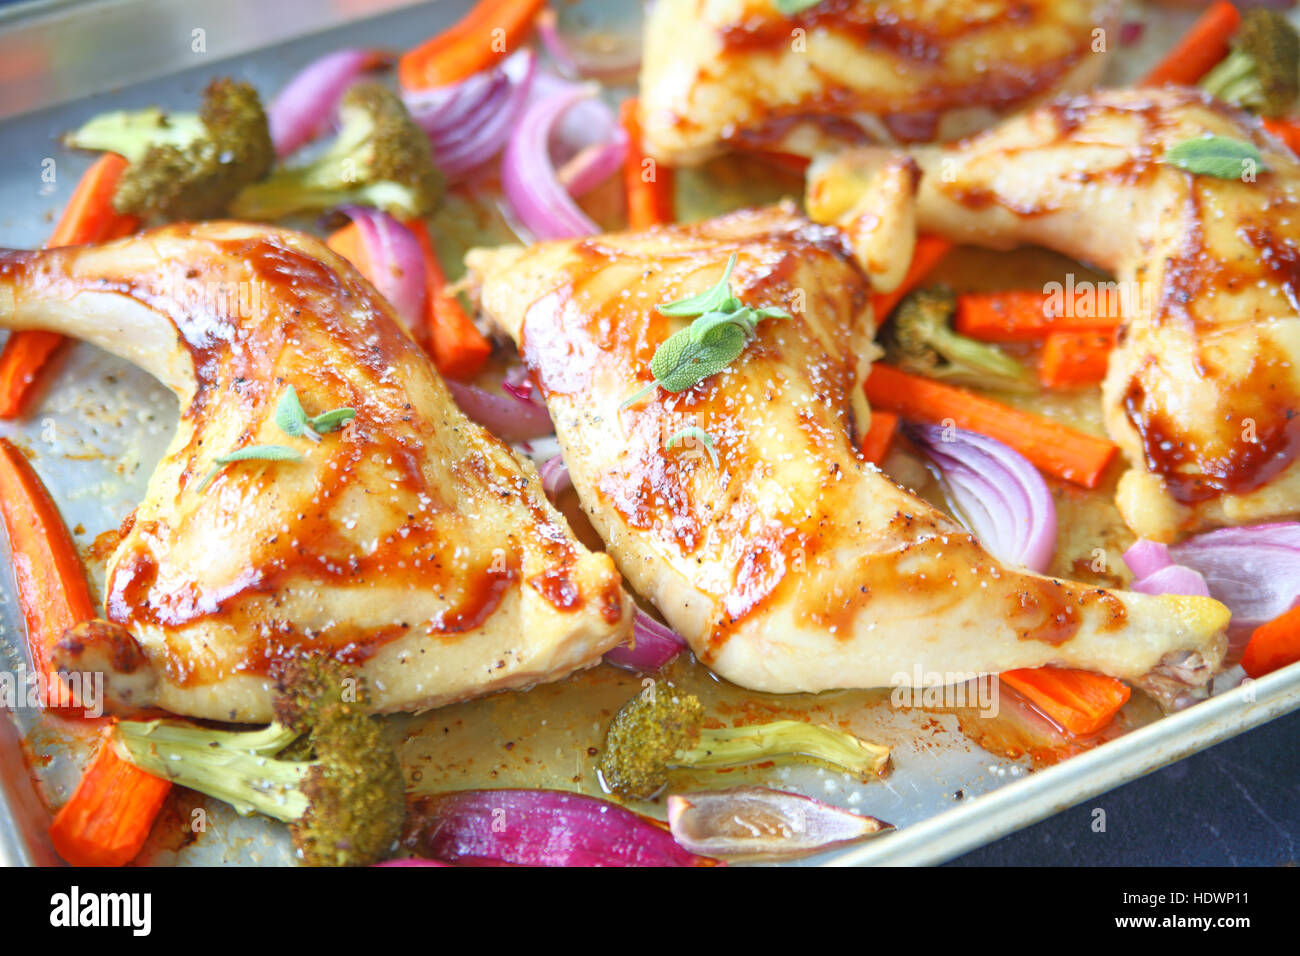 Cuartos de pollo asado con zanahorias, cebollas y brócoli en ...